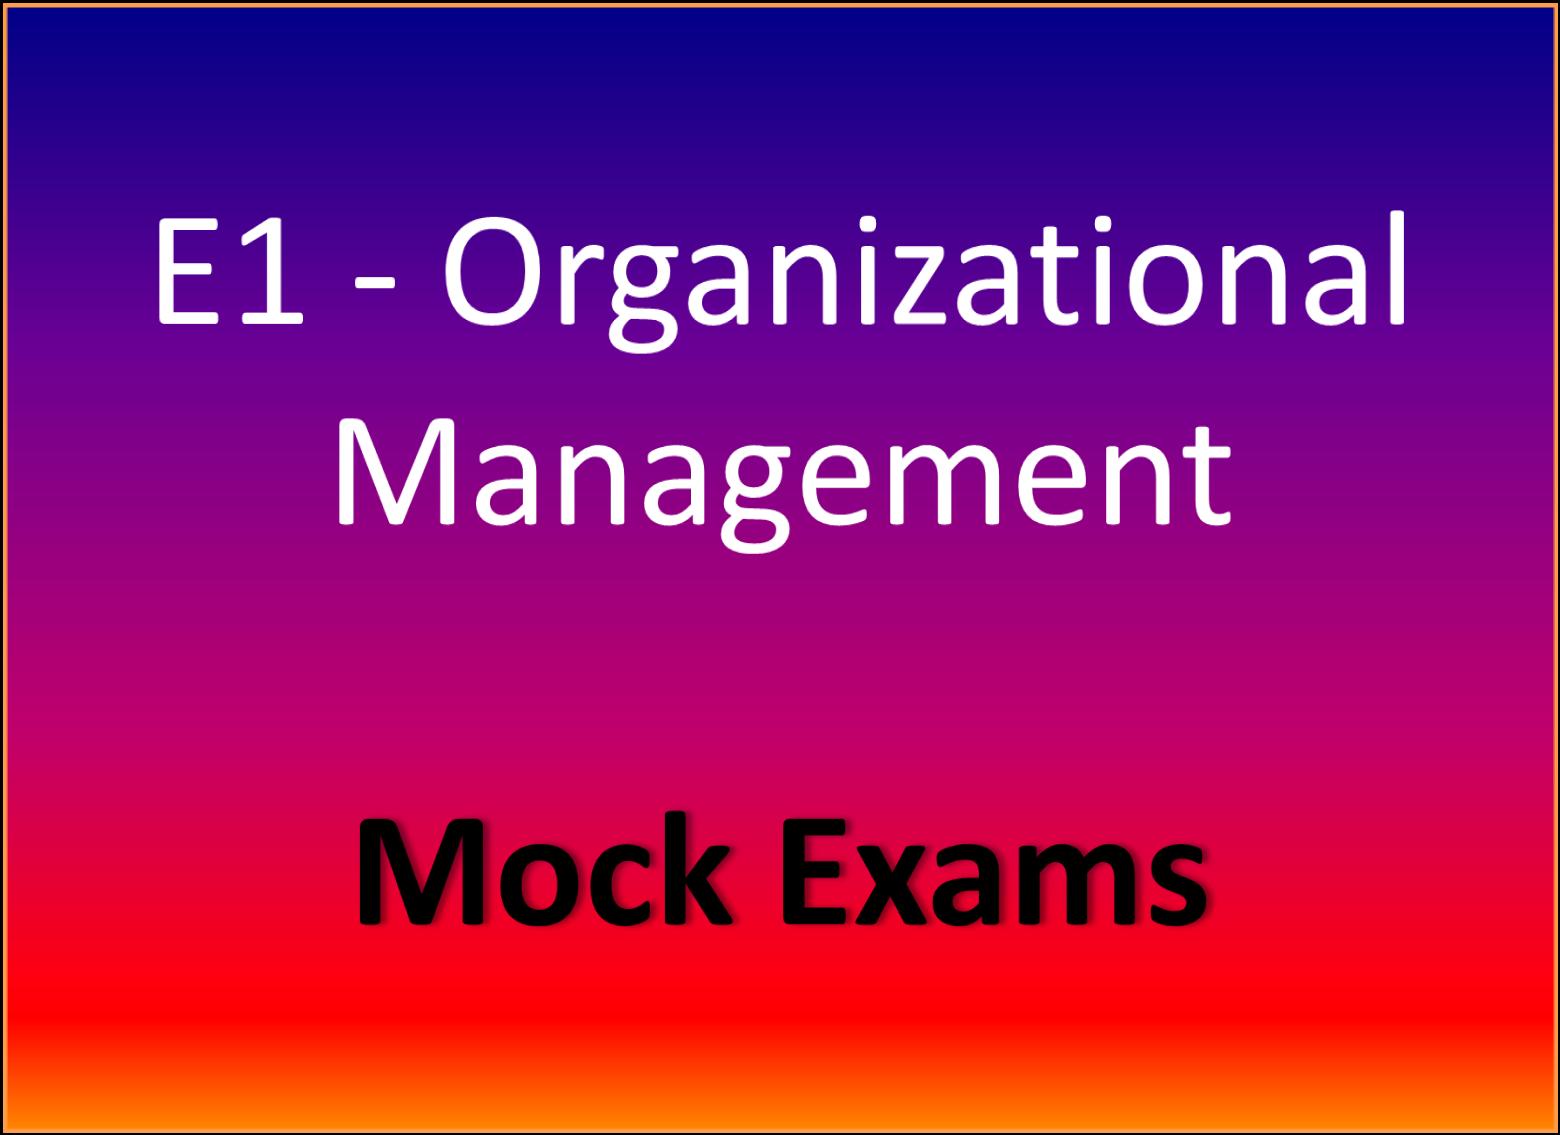 CIMA Mock Exams : E1 - Organizational Management mock exams